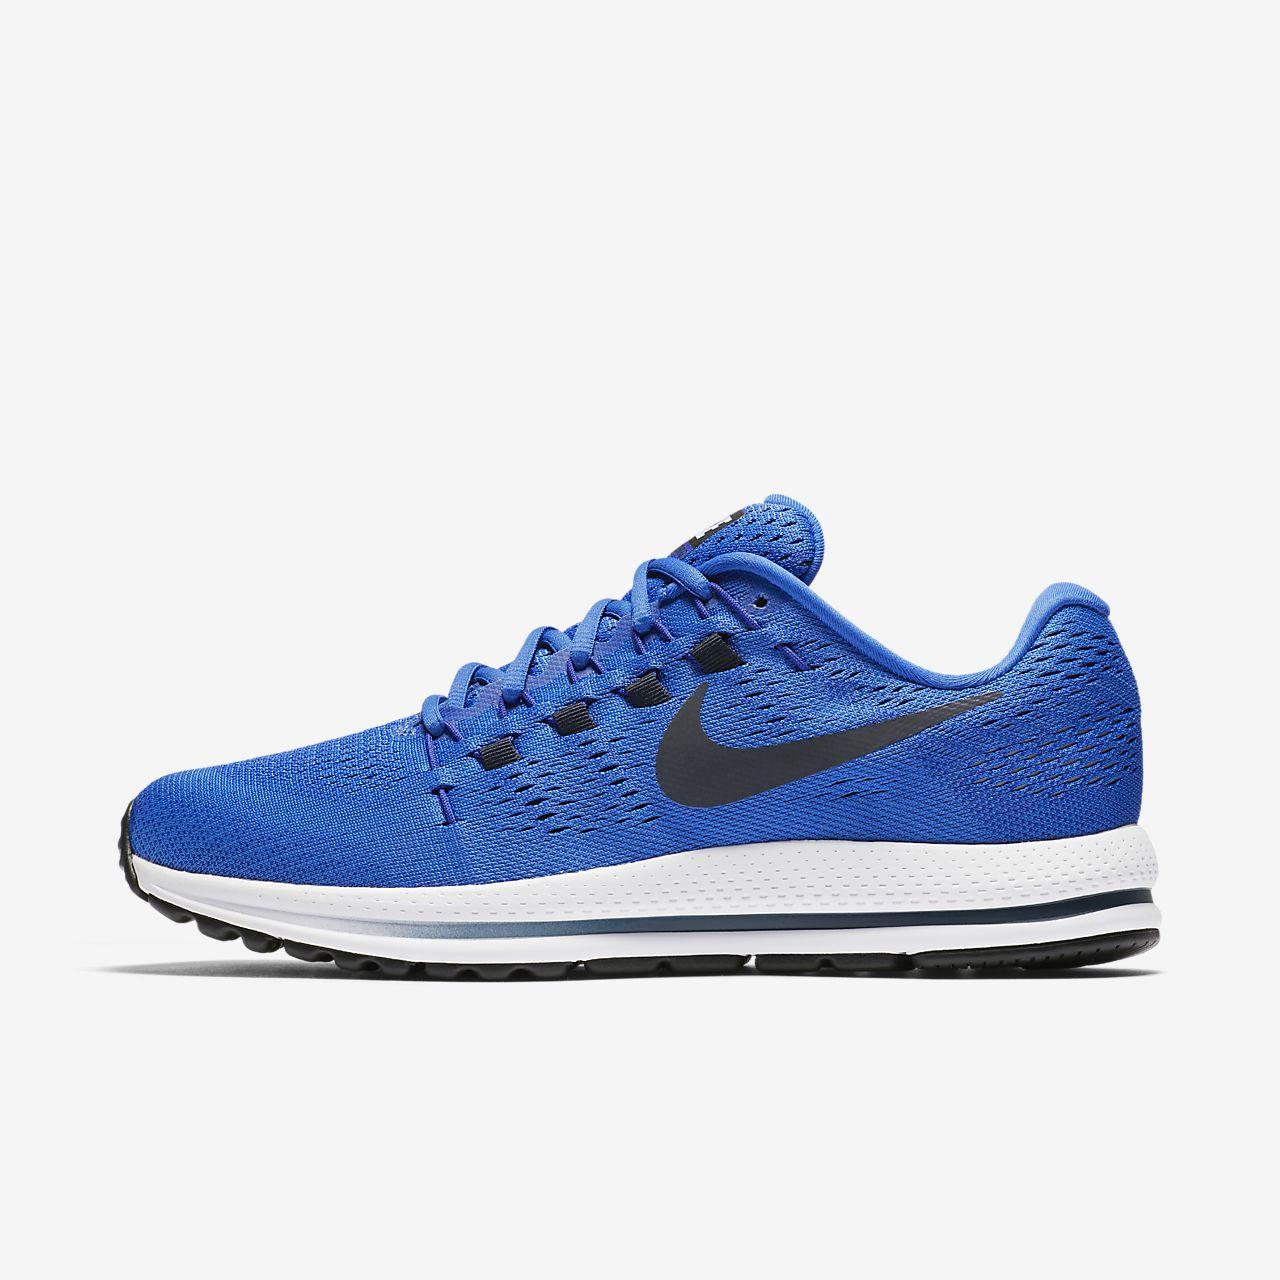 Nike Air Zoom Vomero 12 Men s Running Shoe